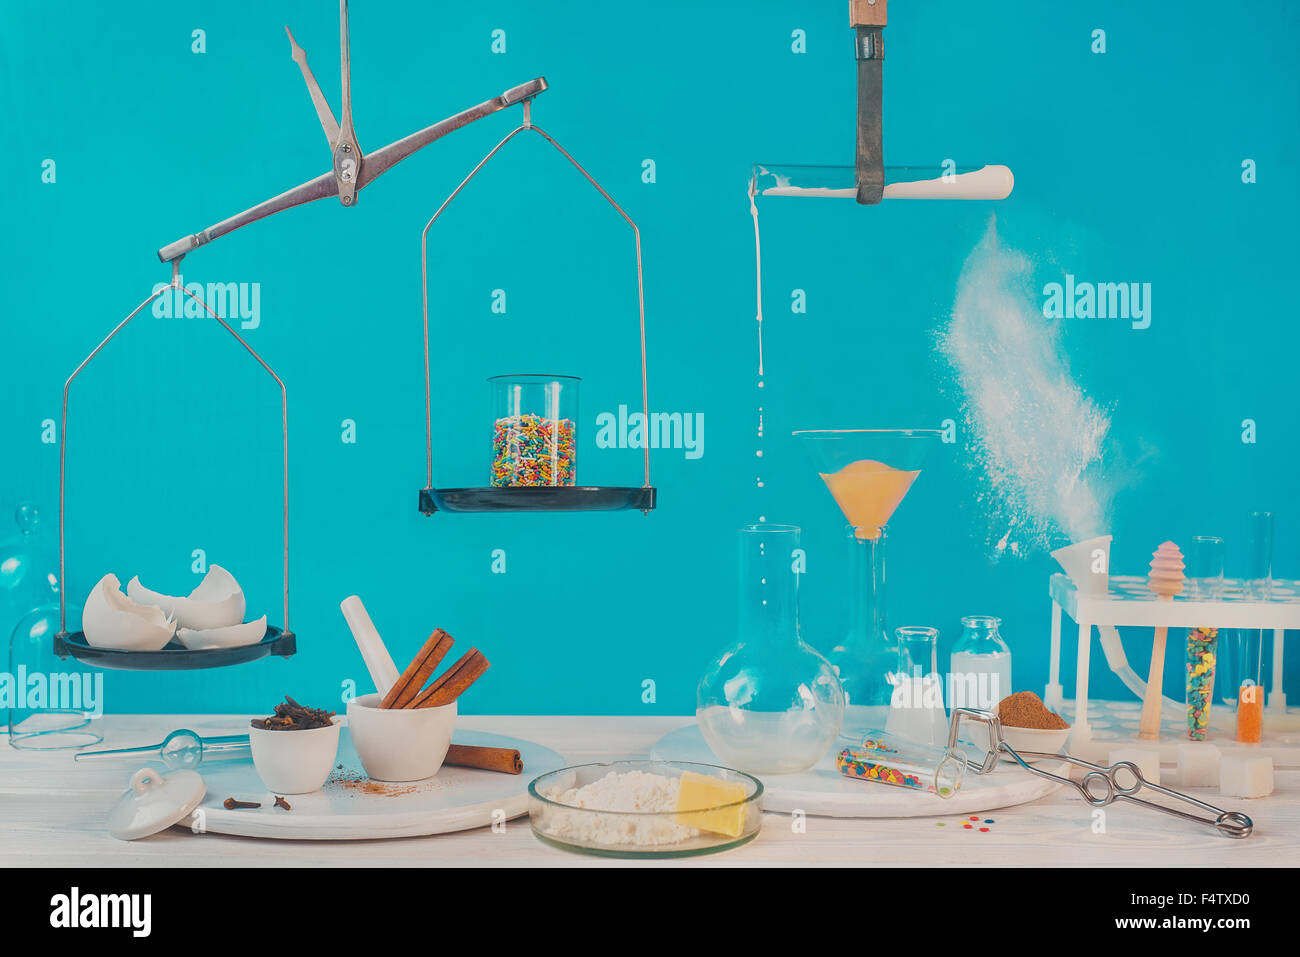 Laboratorio de pastelería Imagen De Stock